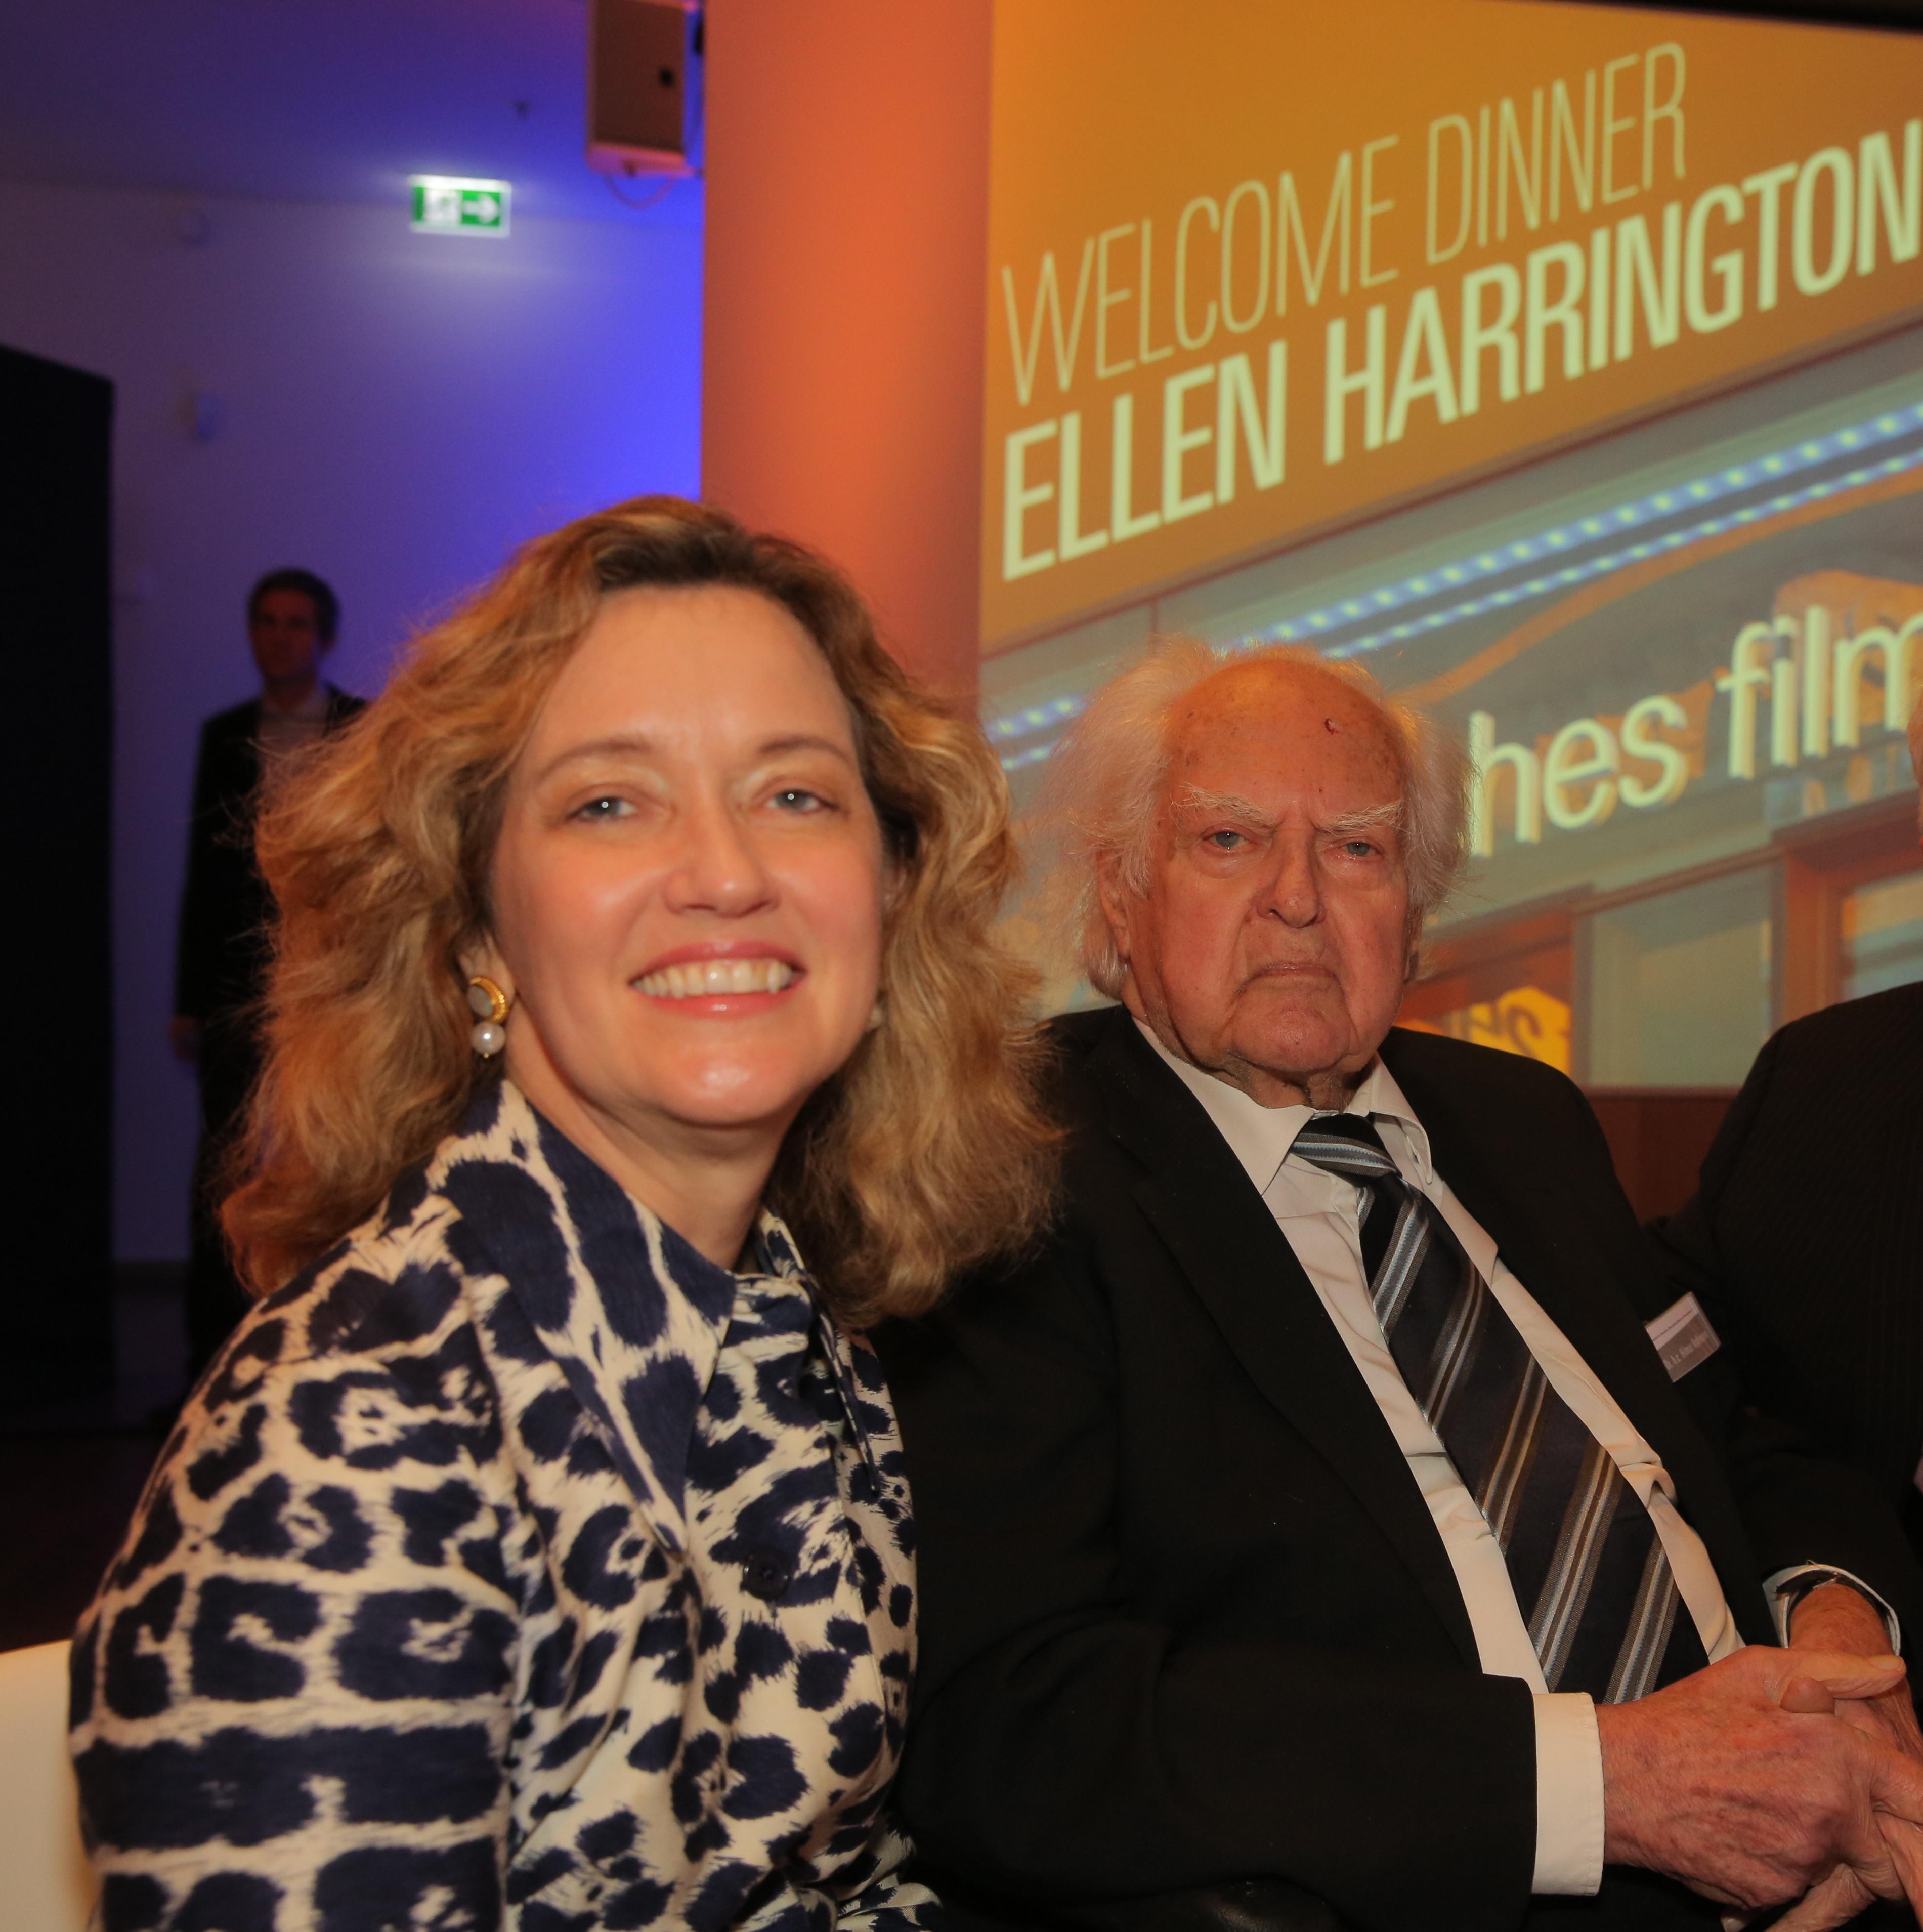 Ellen Harrington mit Hilmar Hoffmann im Januar 2018. Foto: Rafael Herlich